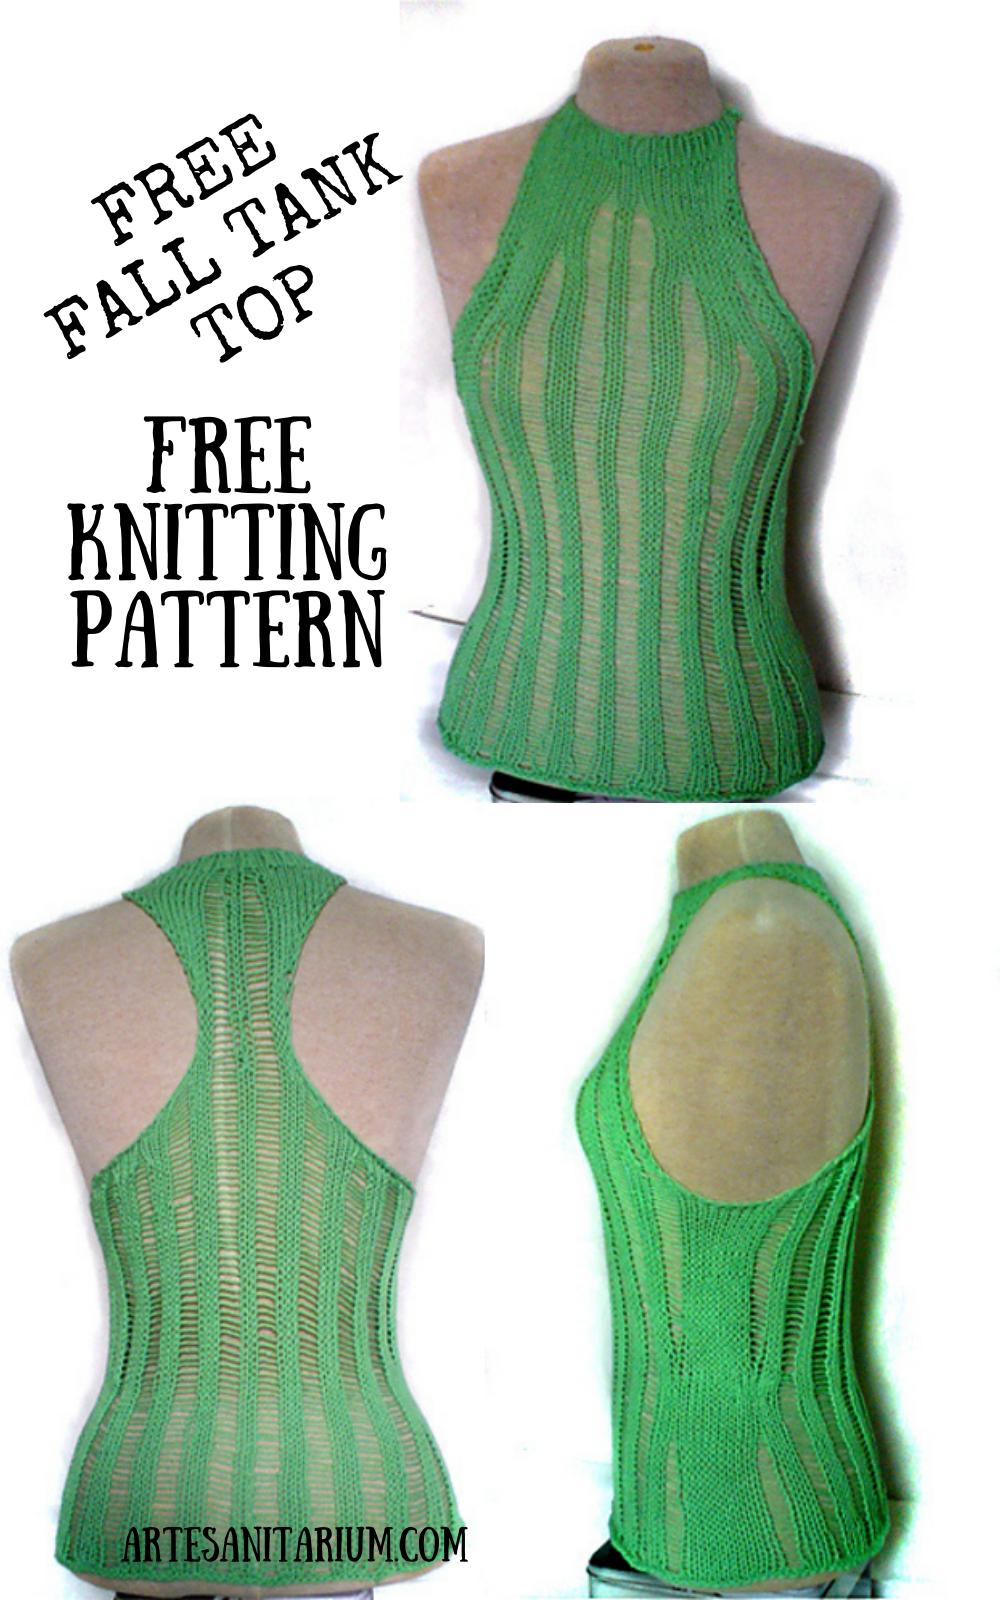 Free Fall Top – Free Knitting Pattern